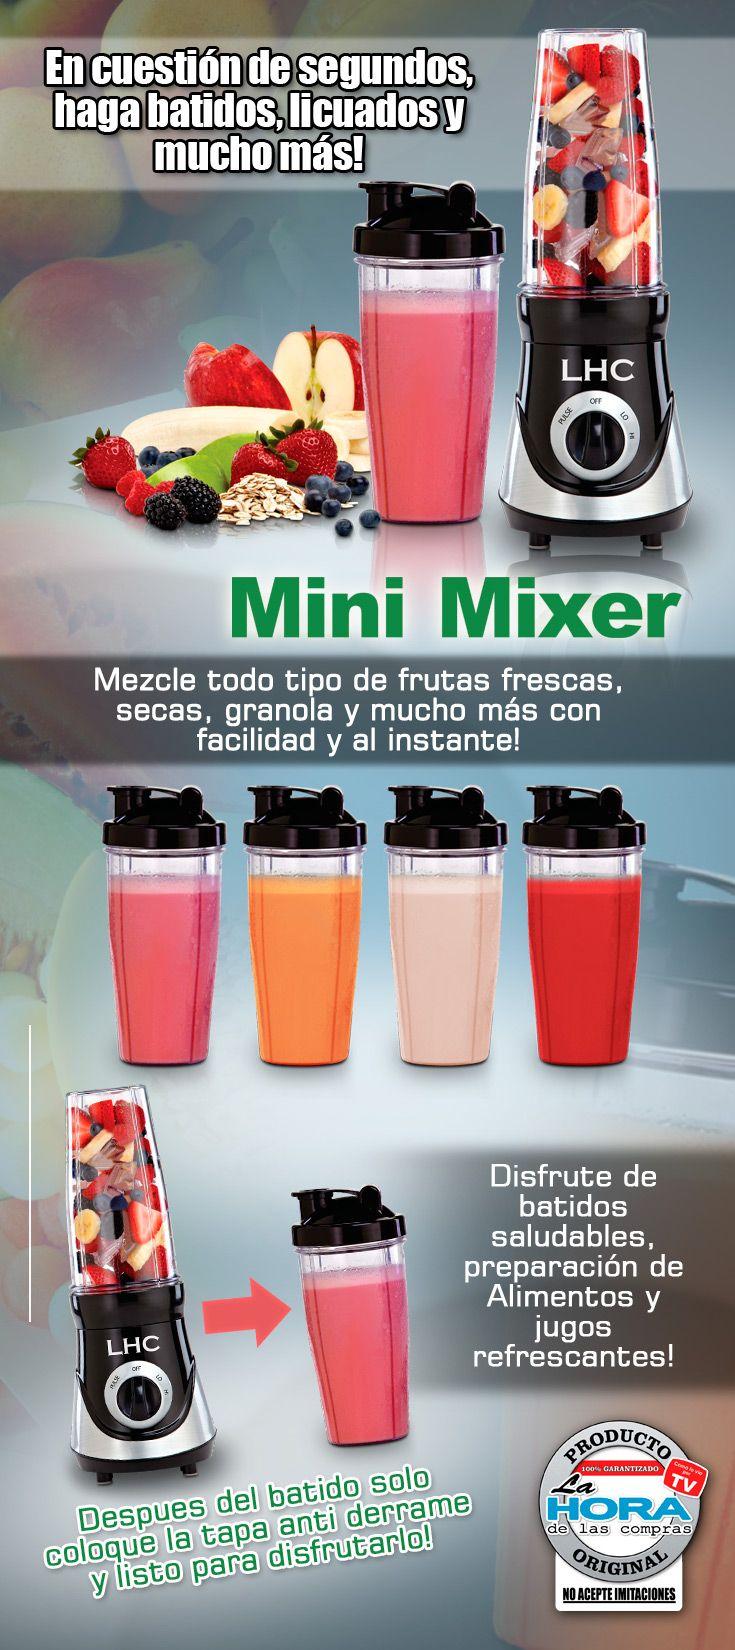 Prepara los mejores batidos para vos y para toda tu familia.. Mini mixer te ayudará a preparar jugos en solo segundos. #jugos #frutas #salud #bienestar #lahoradelascompras #productosoriginales